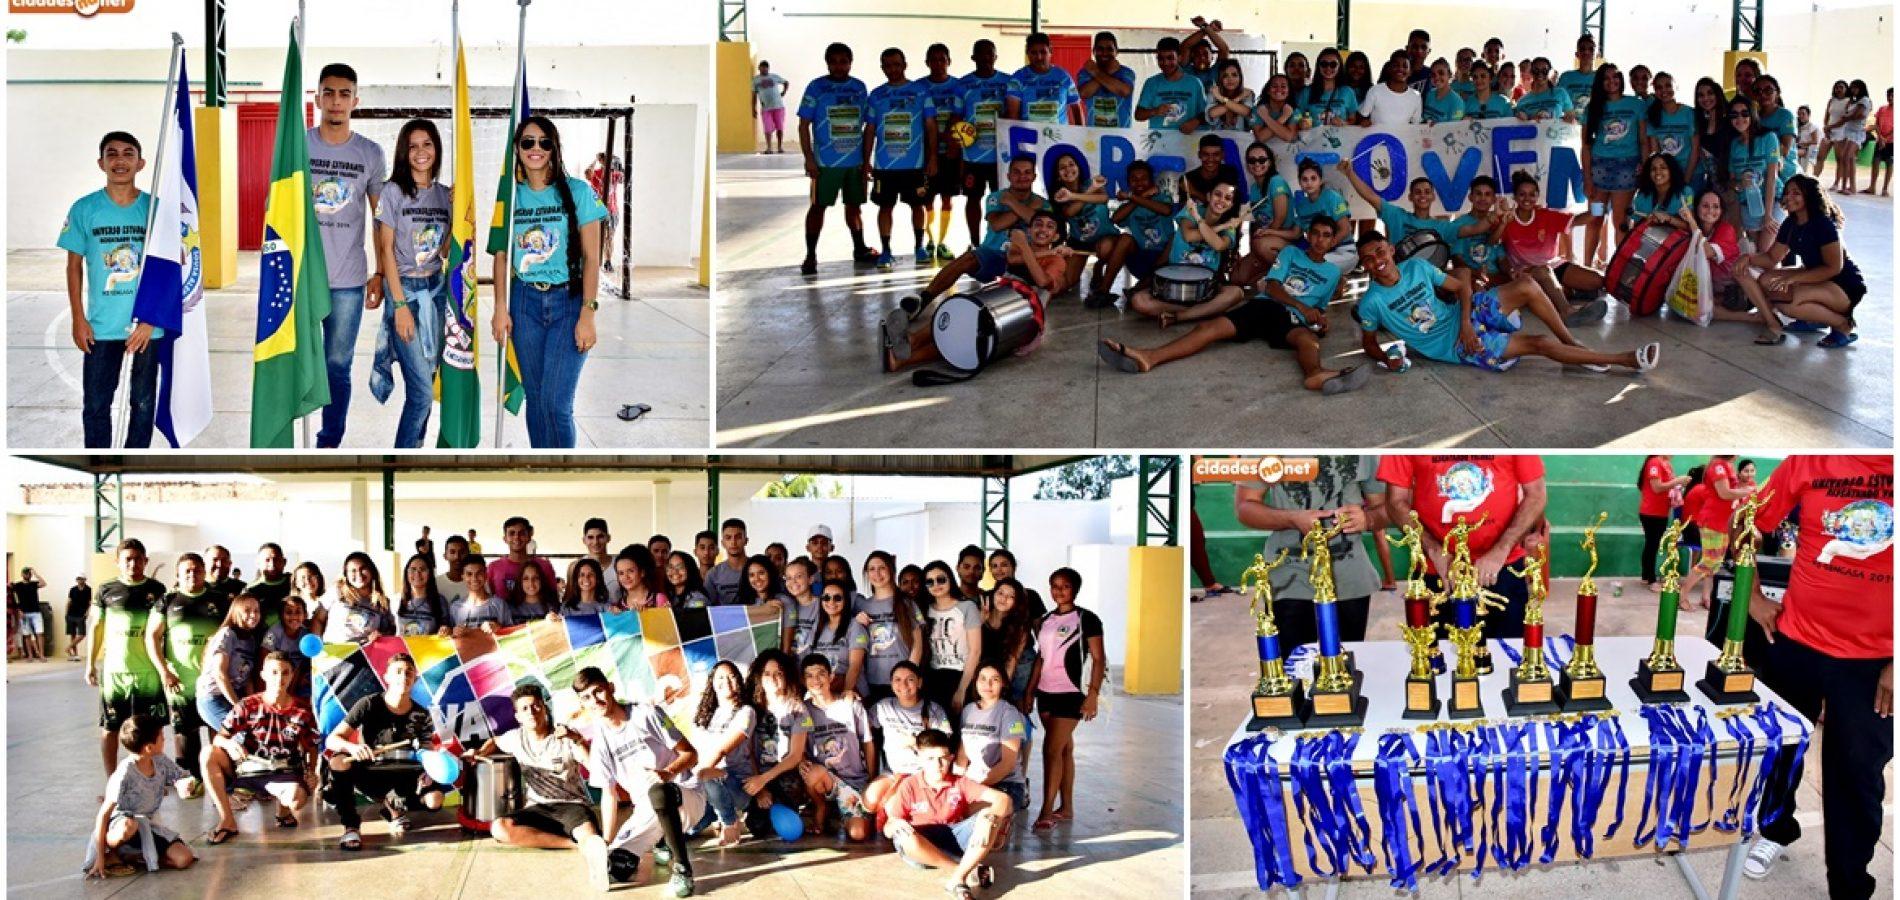 ALEGRETE│Jogos estudantis marcam 4º e 5° dia do IV Festival Estudantil de Identidade Cultural da U.E. ASA; fotos